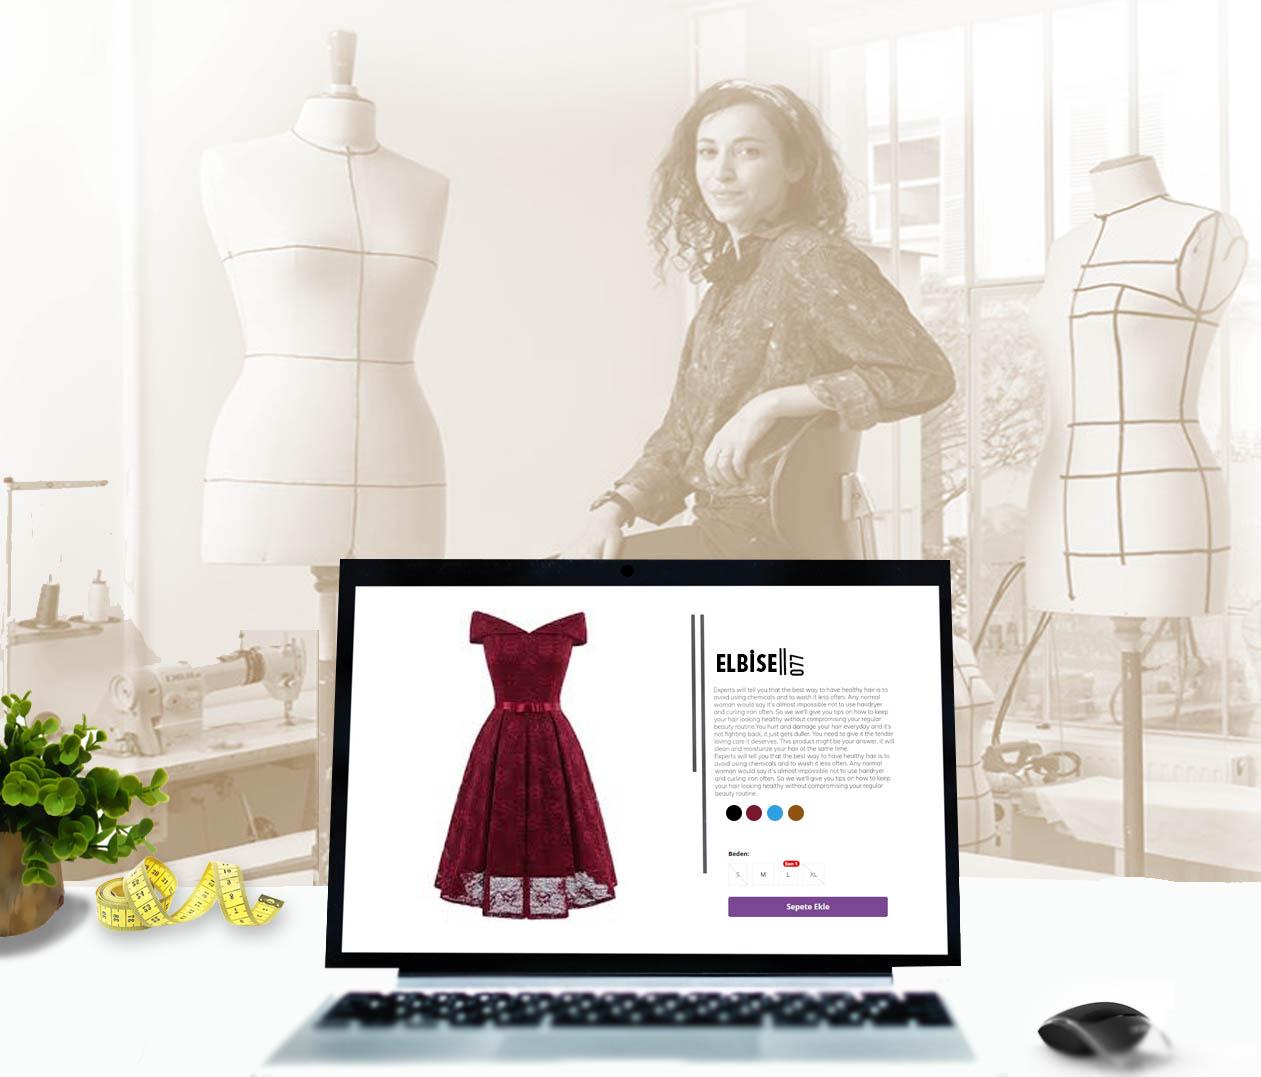 E-Ticaret, E-Ticaret Sitesi, E-Ticaret Sistemleri, Elektronik Ticaret, Online Satış, Online Satış Sistemleri, İnternet Satış Sitesi